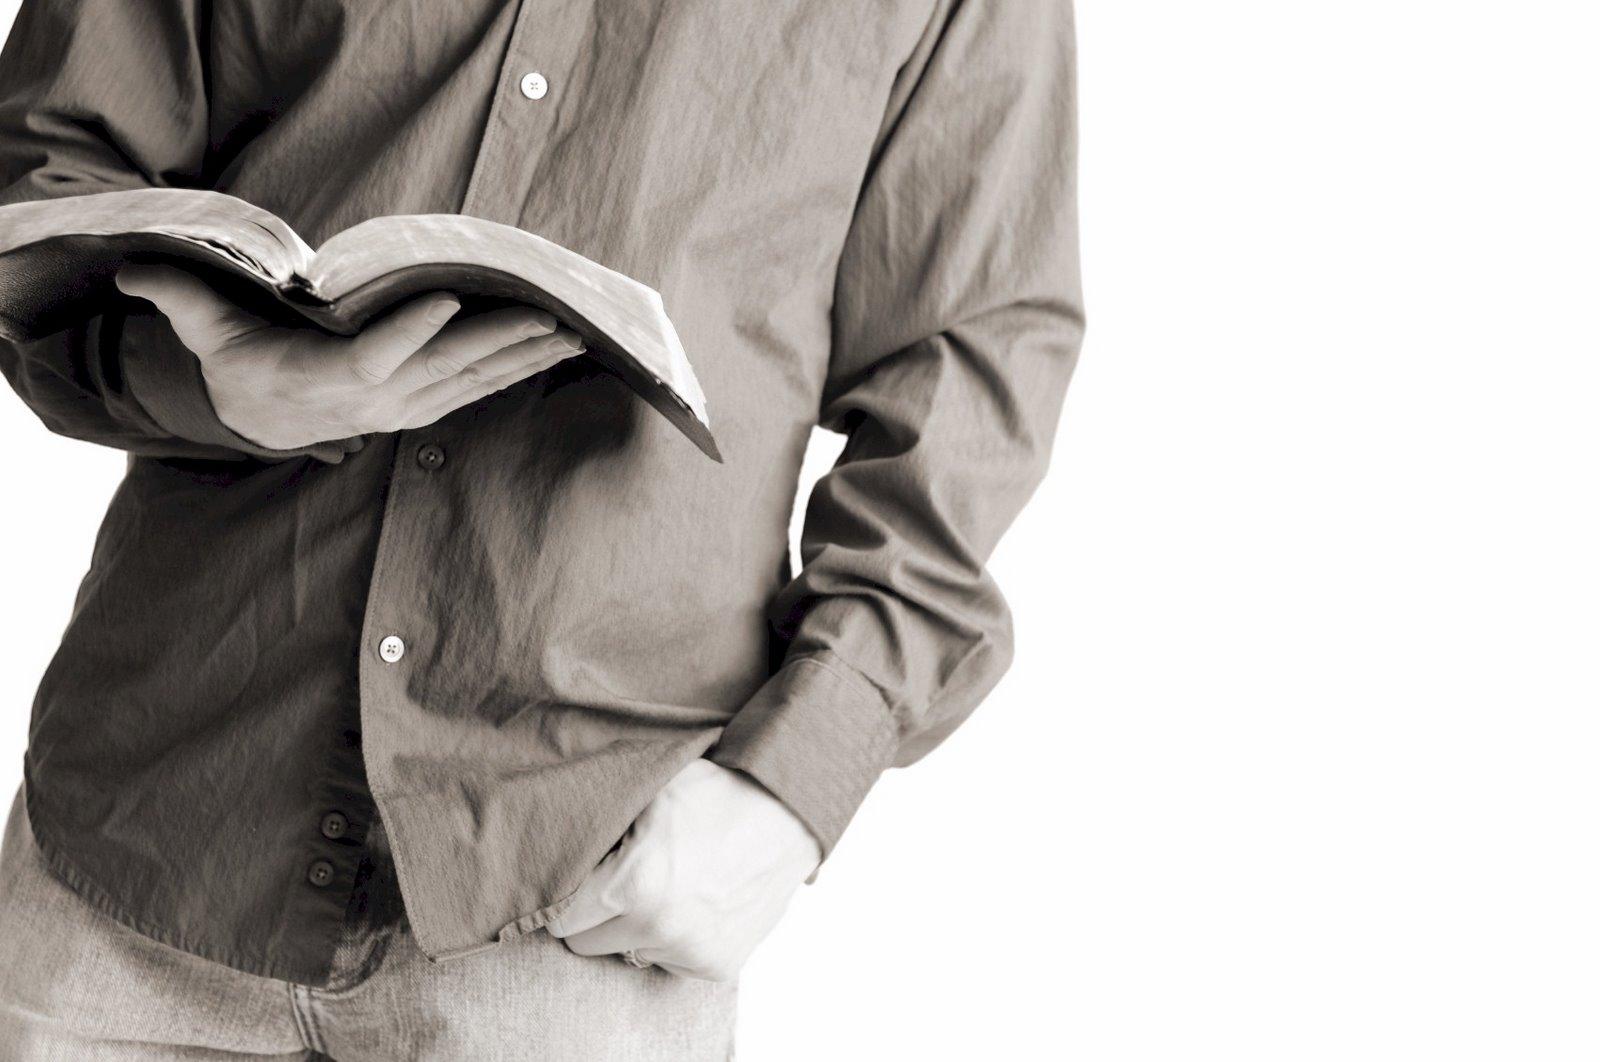 ler-a-biblia.jpg